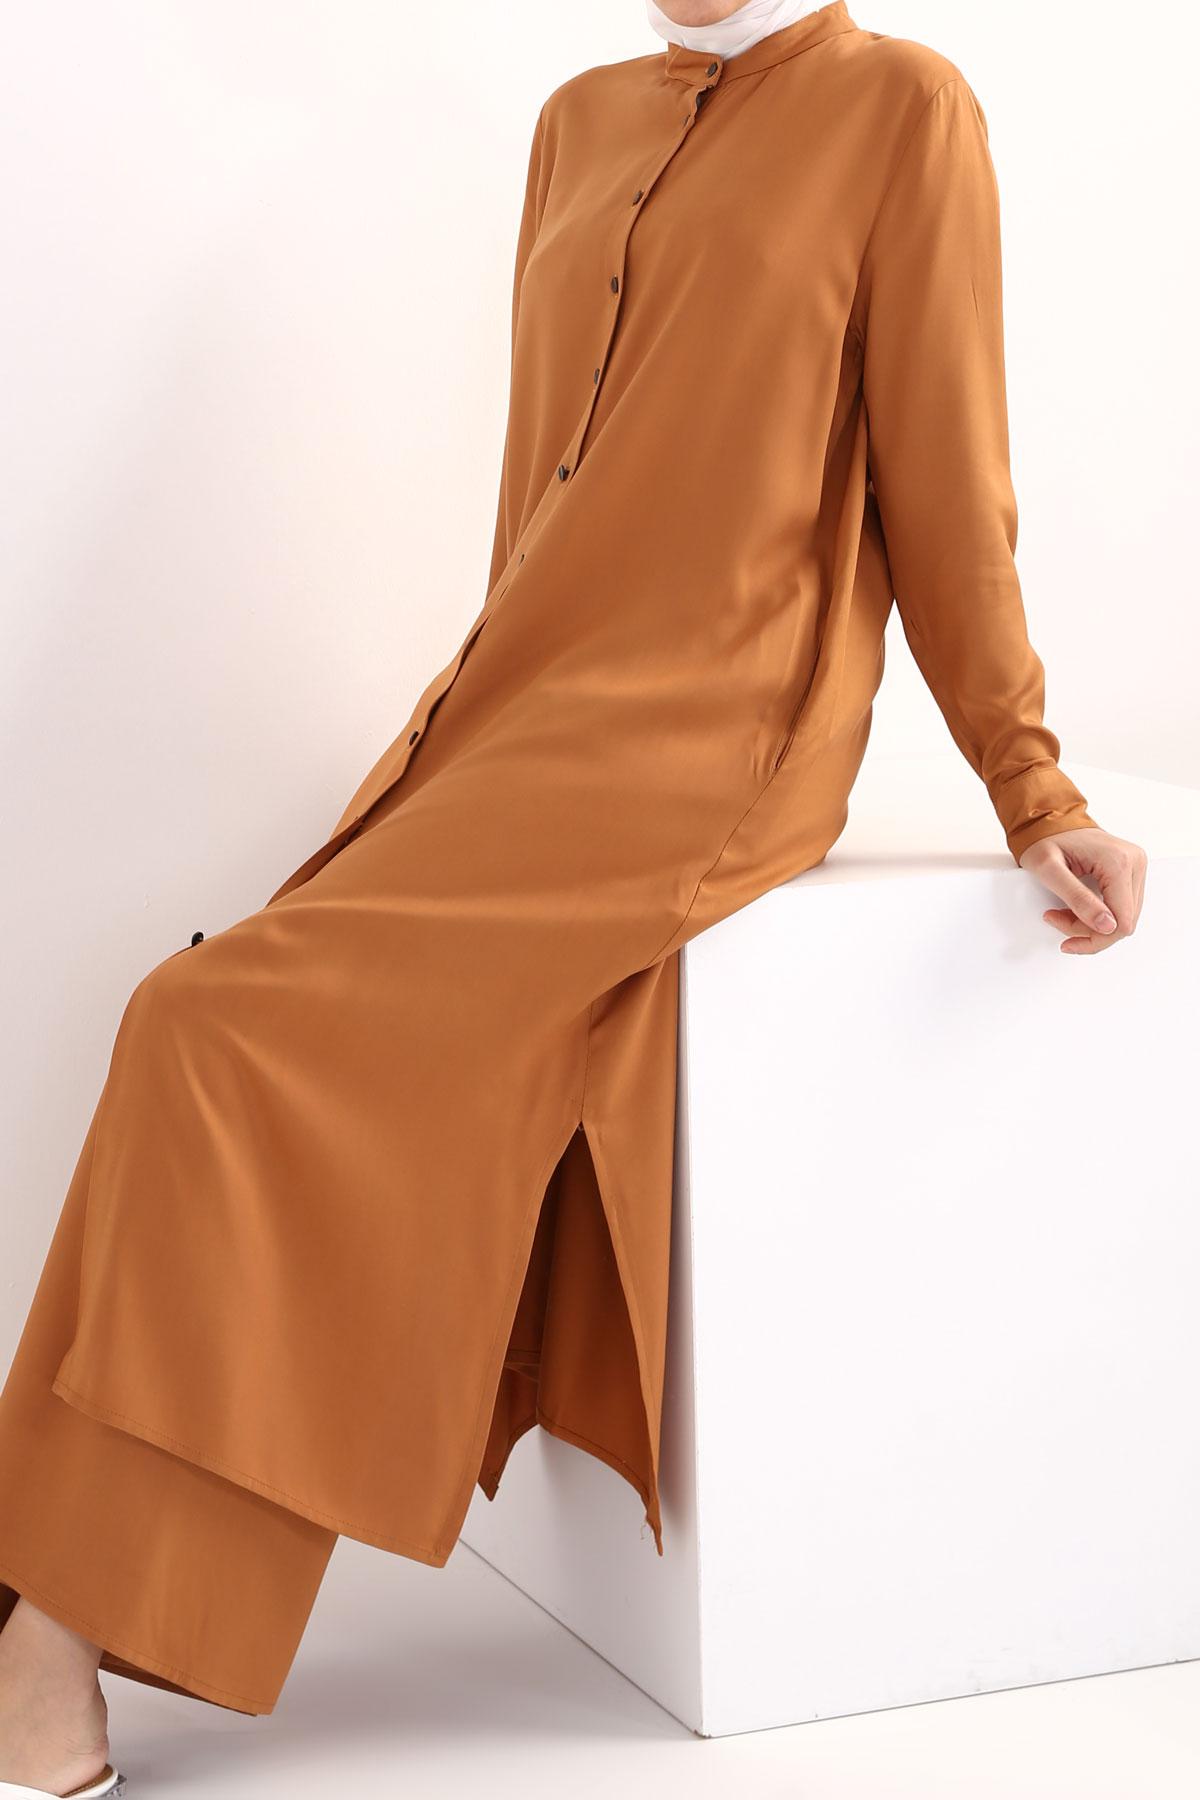 Viscose Mandarin Collar Pants Suits With Pockets